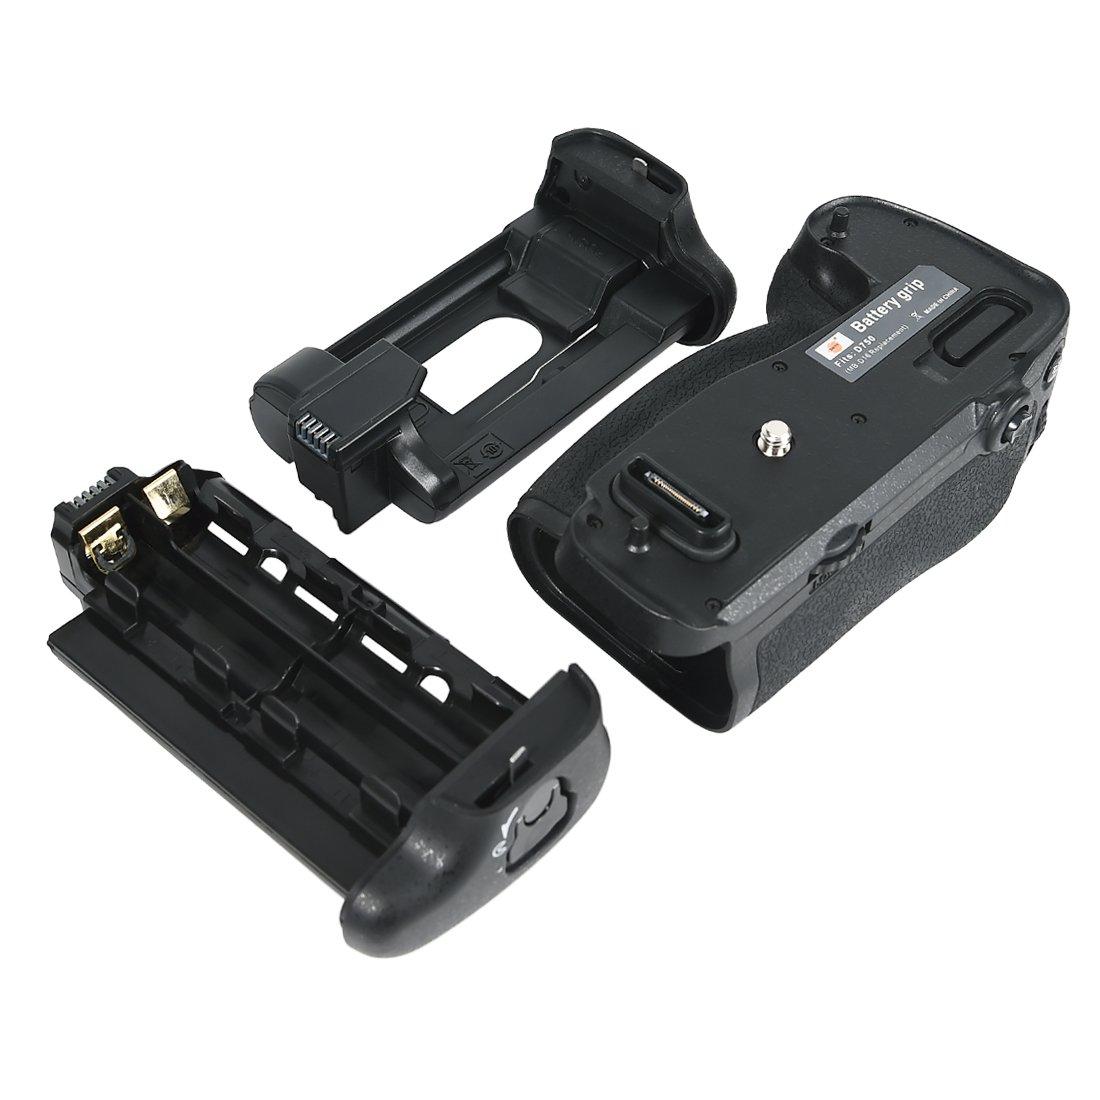 DSTE® Pro MB-D16 Vertical Battery Grip for Nikon D750 SLR Digital Camera as EN-EL15 DST Electron Technological Co. Ltd DB66